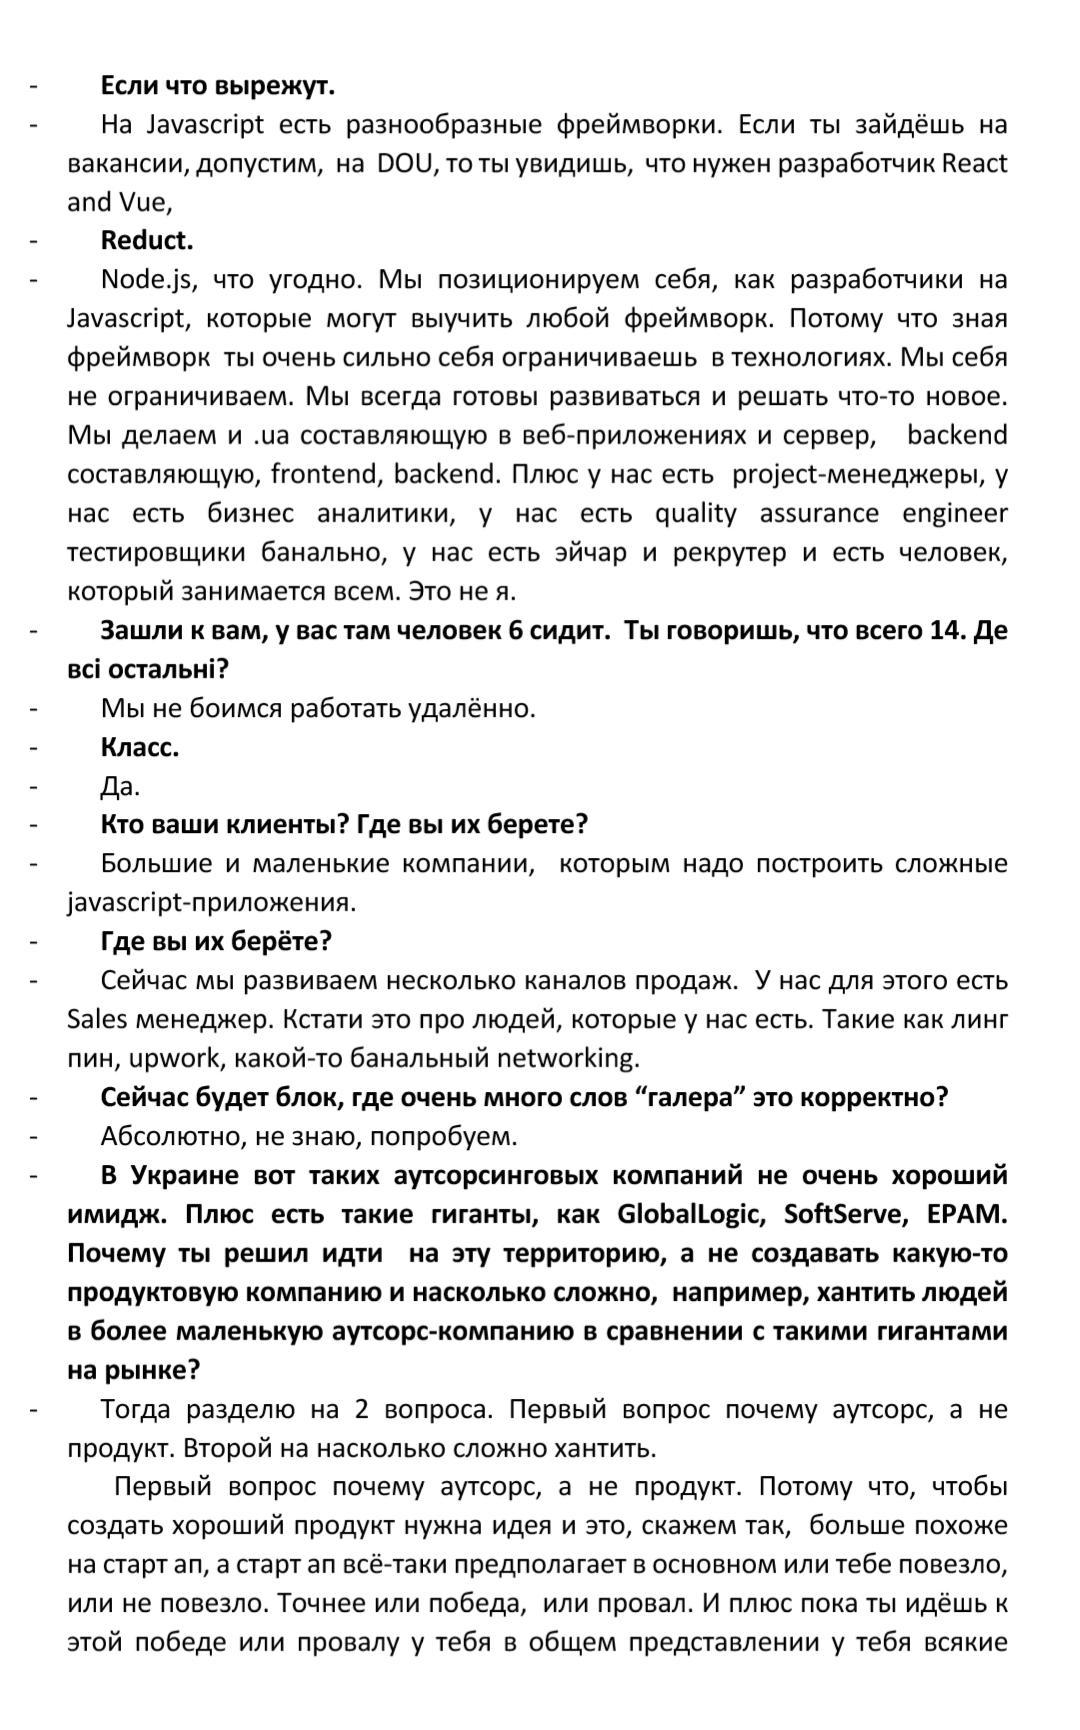 Фото Транскрибація інтерв'ю на тему IT.